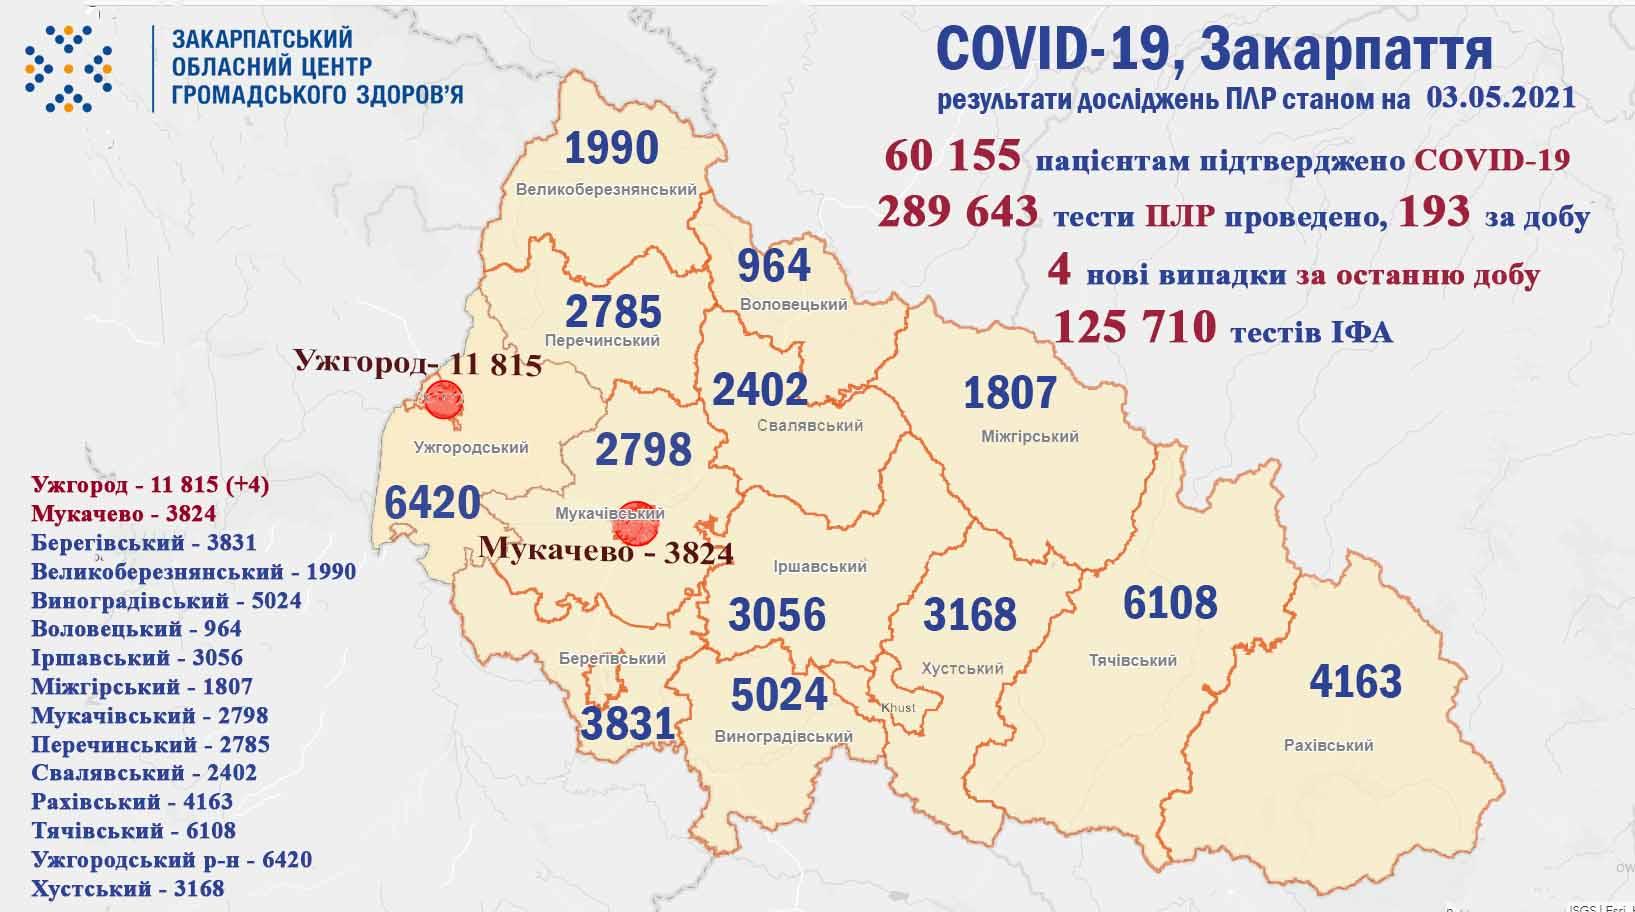 Тільки в одному місті Закарпаття за попередню добу виявили хворих на коронавірус